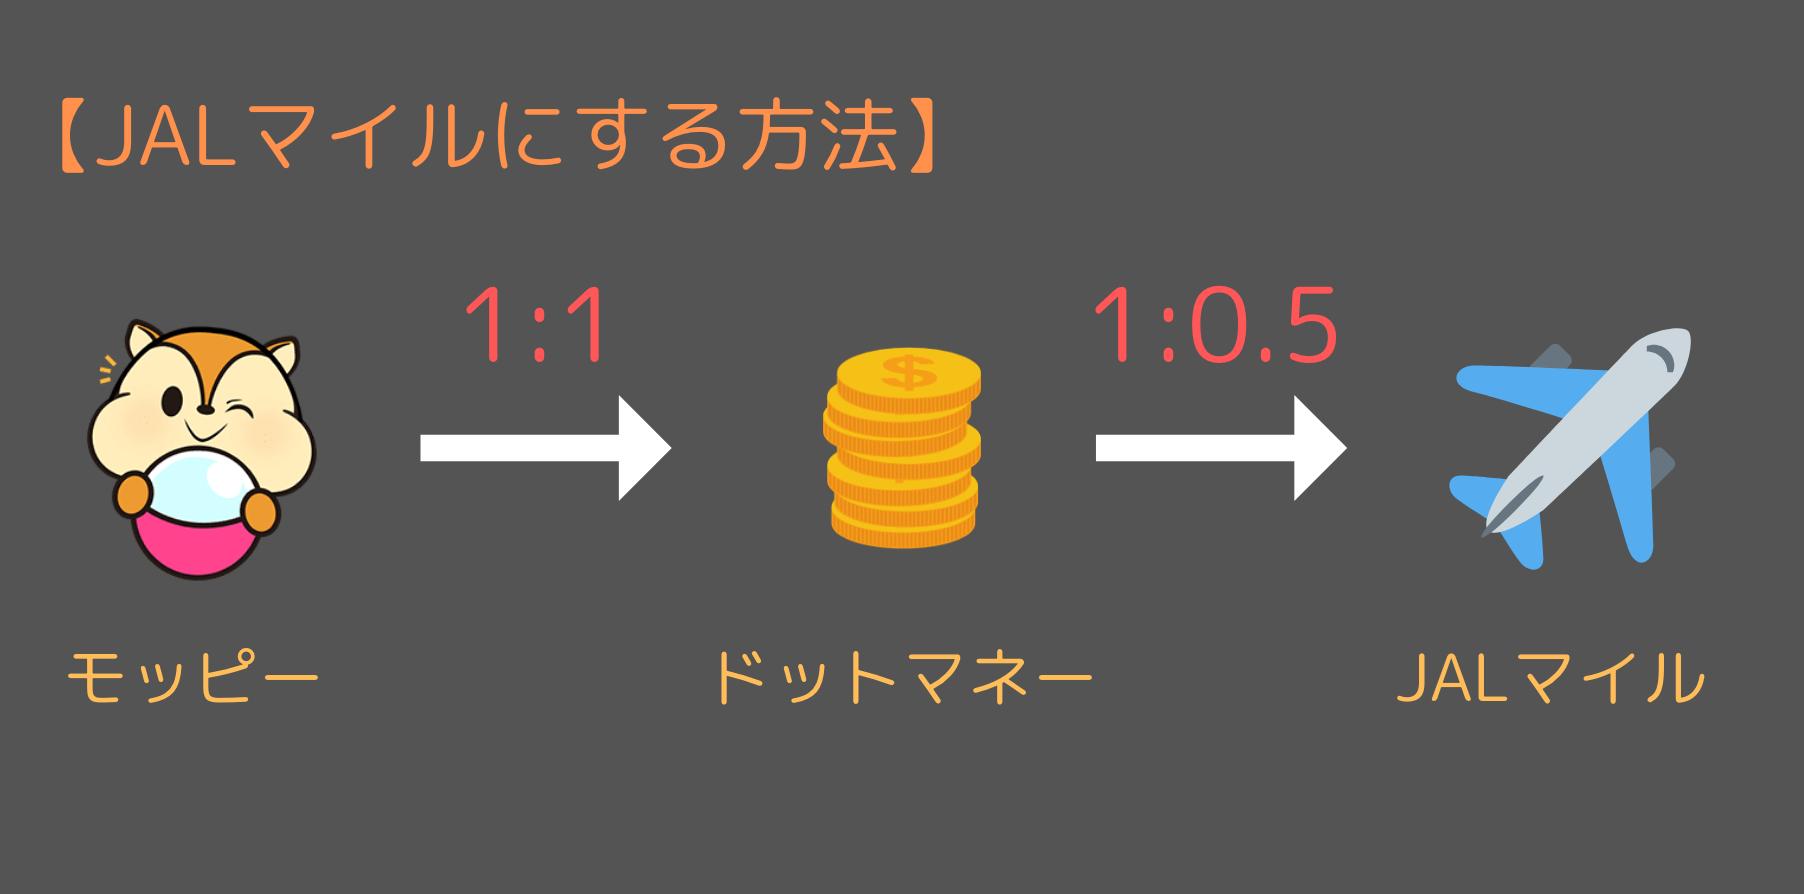 ドットマネーを経由してJALマイルに交換する(50%レート)